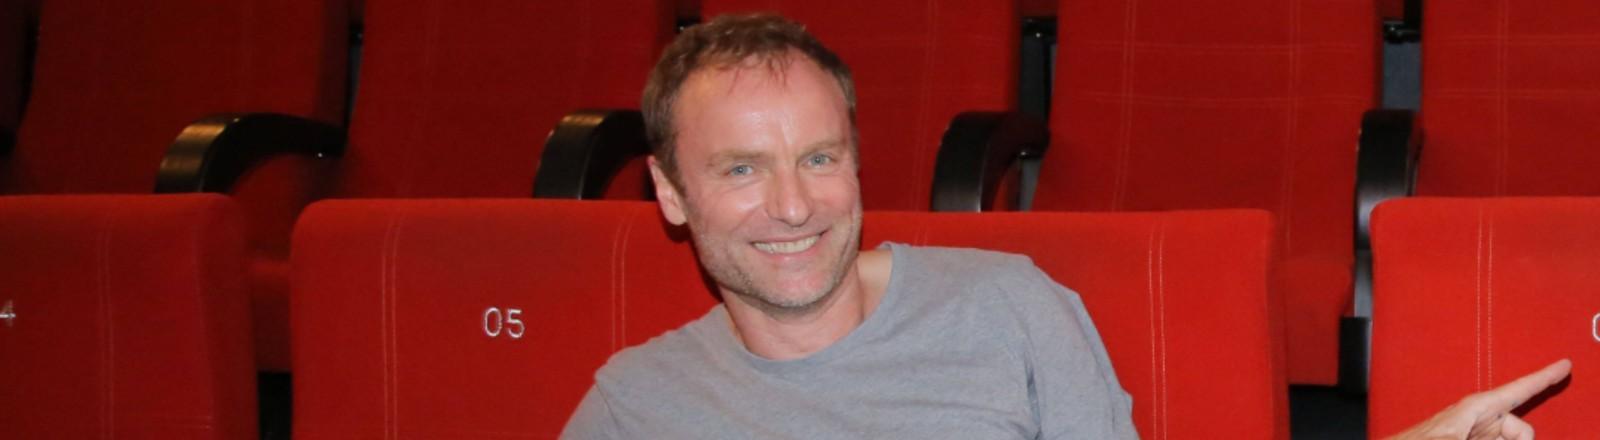 18.06.2020 Mark Waschke bei der Filmpremiere - Der Geburtstag - im Kino Luchskino am Zoo, Seebener Strasse 172, Halle / Saale.